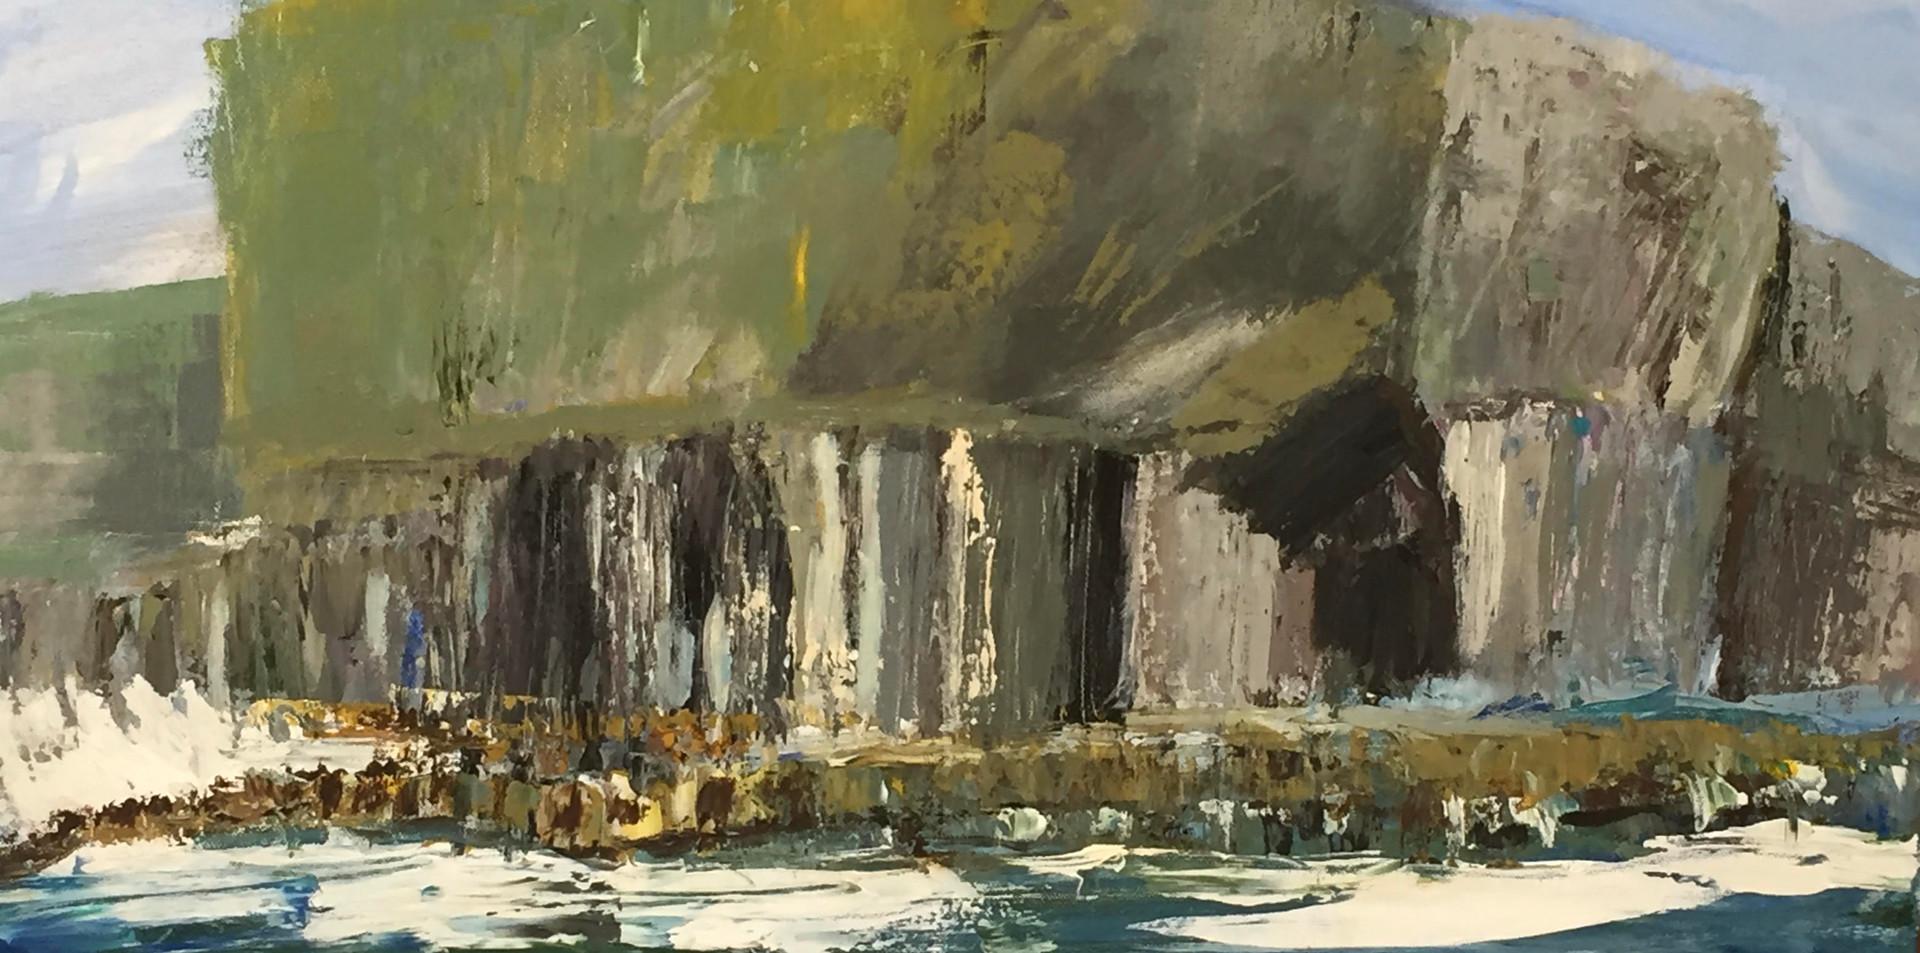 Finnegan's Cave, Staffa